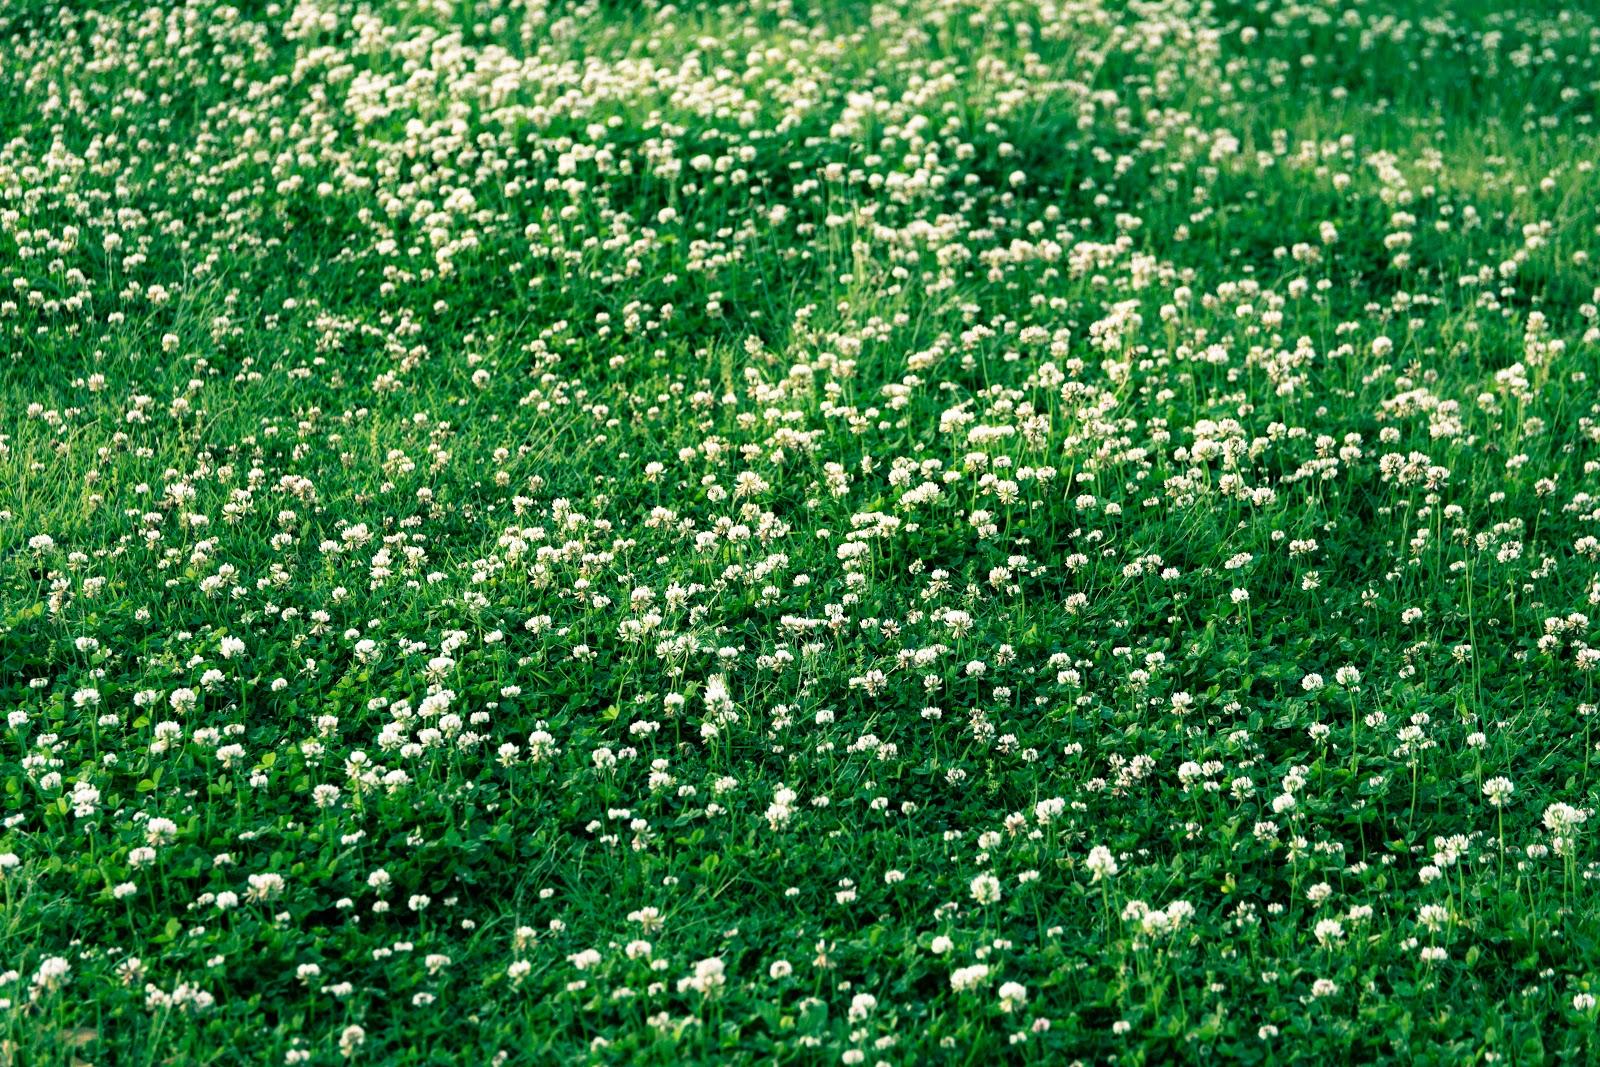 白詰草の大きな集落